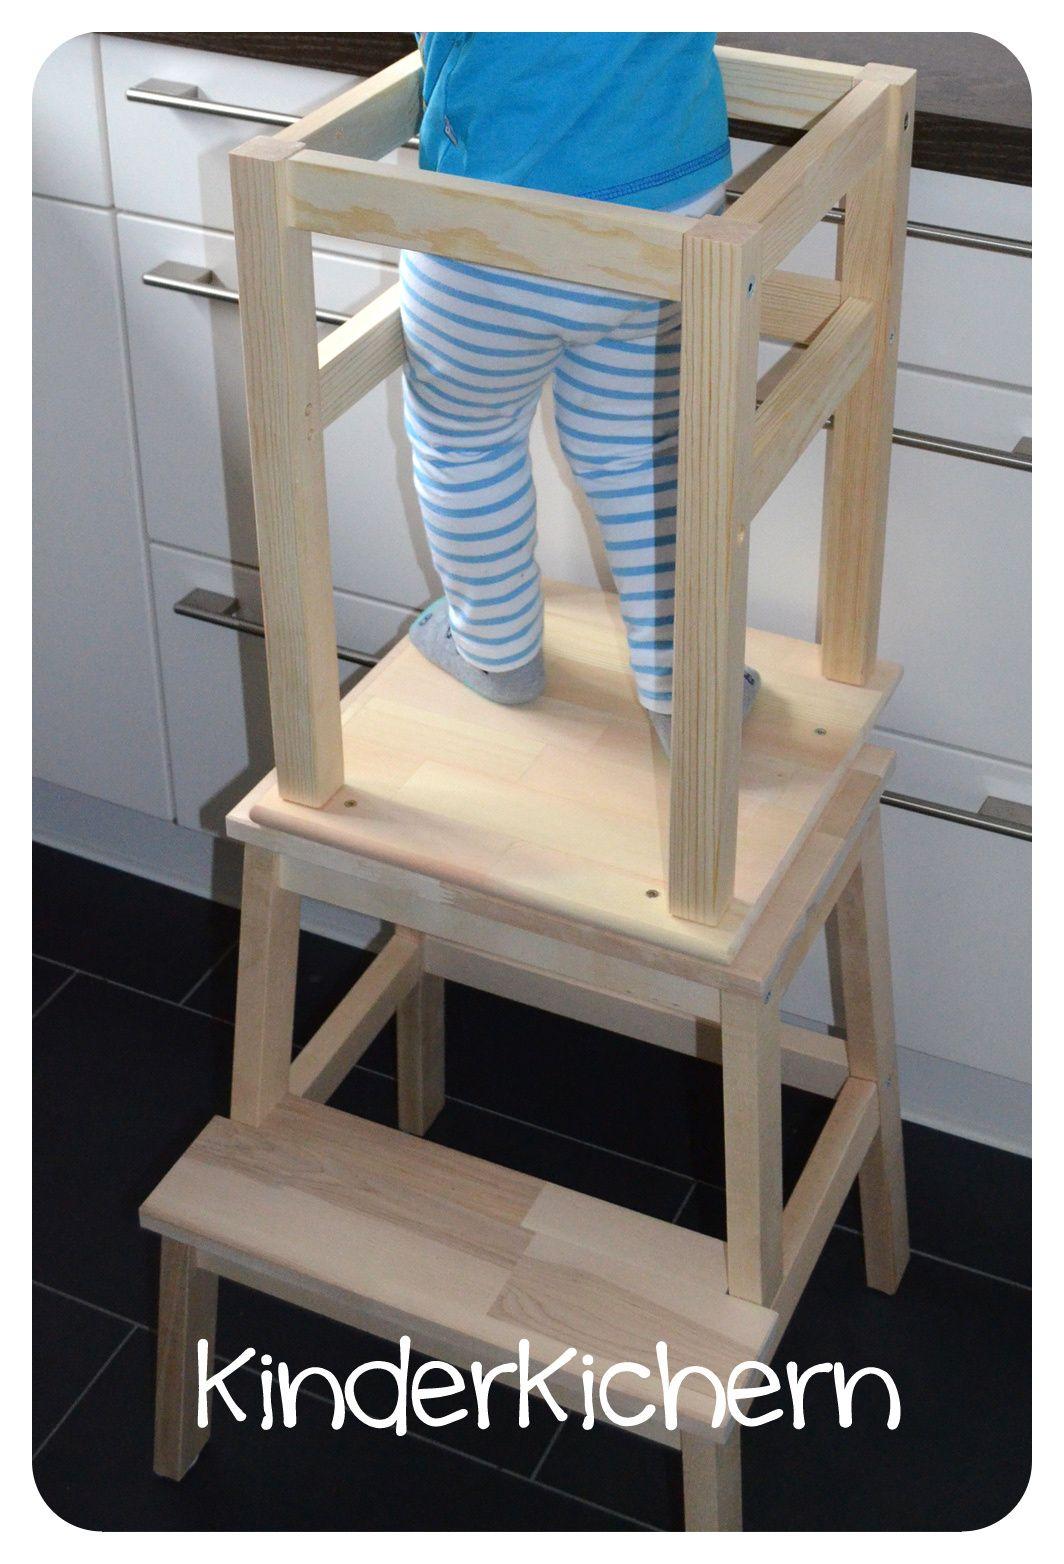 Full Size of Baby Stehhilfe Küche Küchen Stehhilfe Für Kinder Stehhilfe Für Kinder Küche Stehhilfe Für Küche Küche Stehhilfe Küche